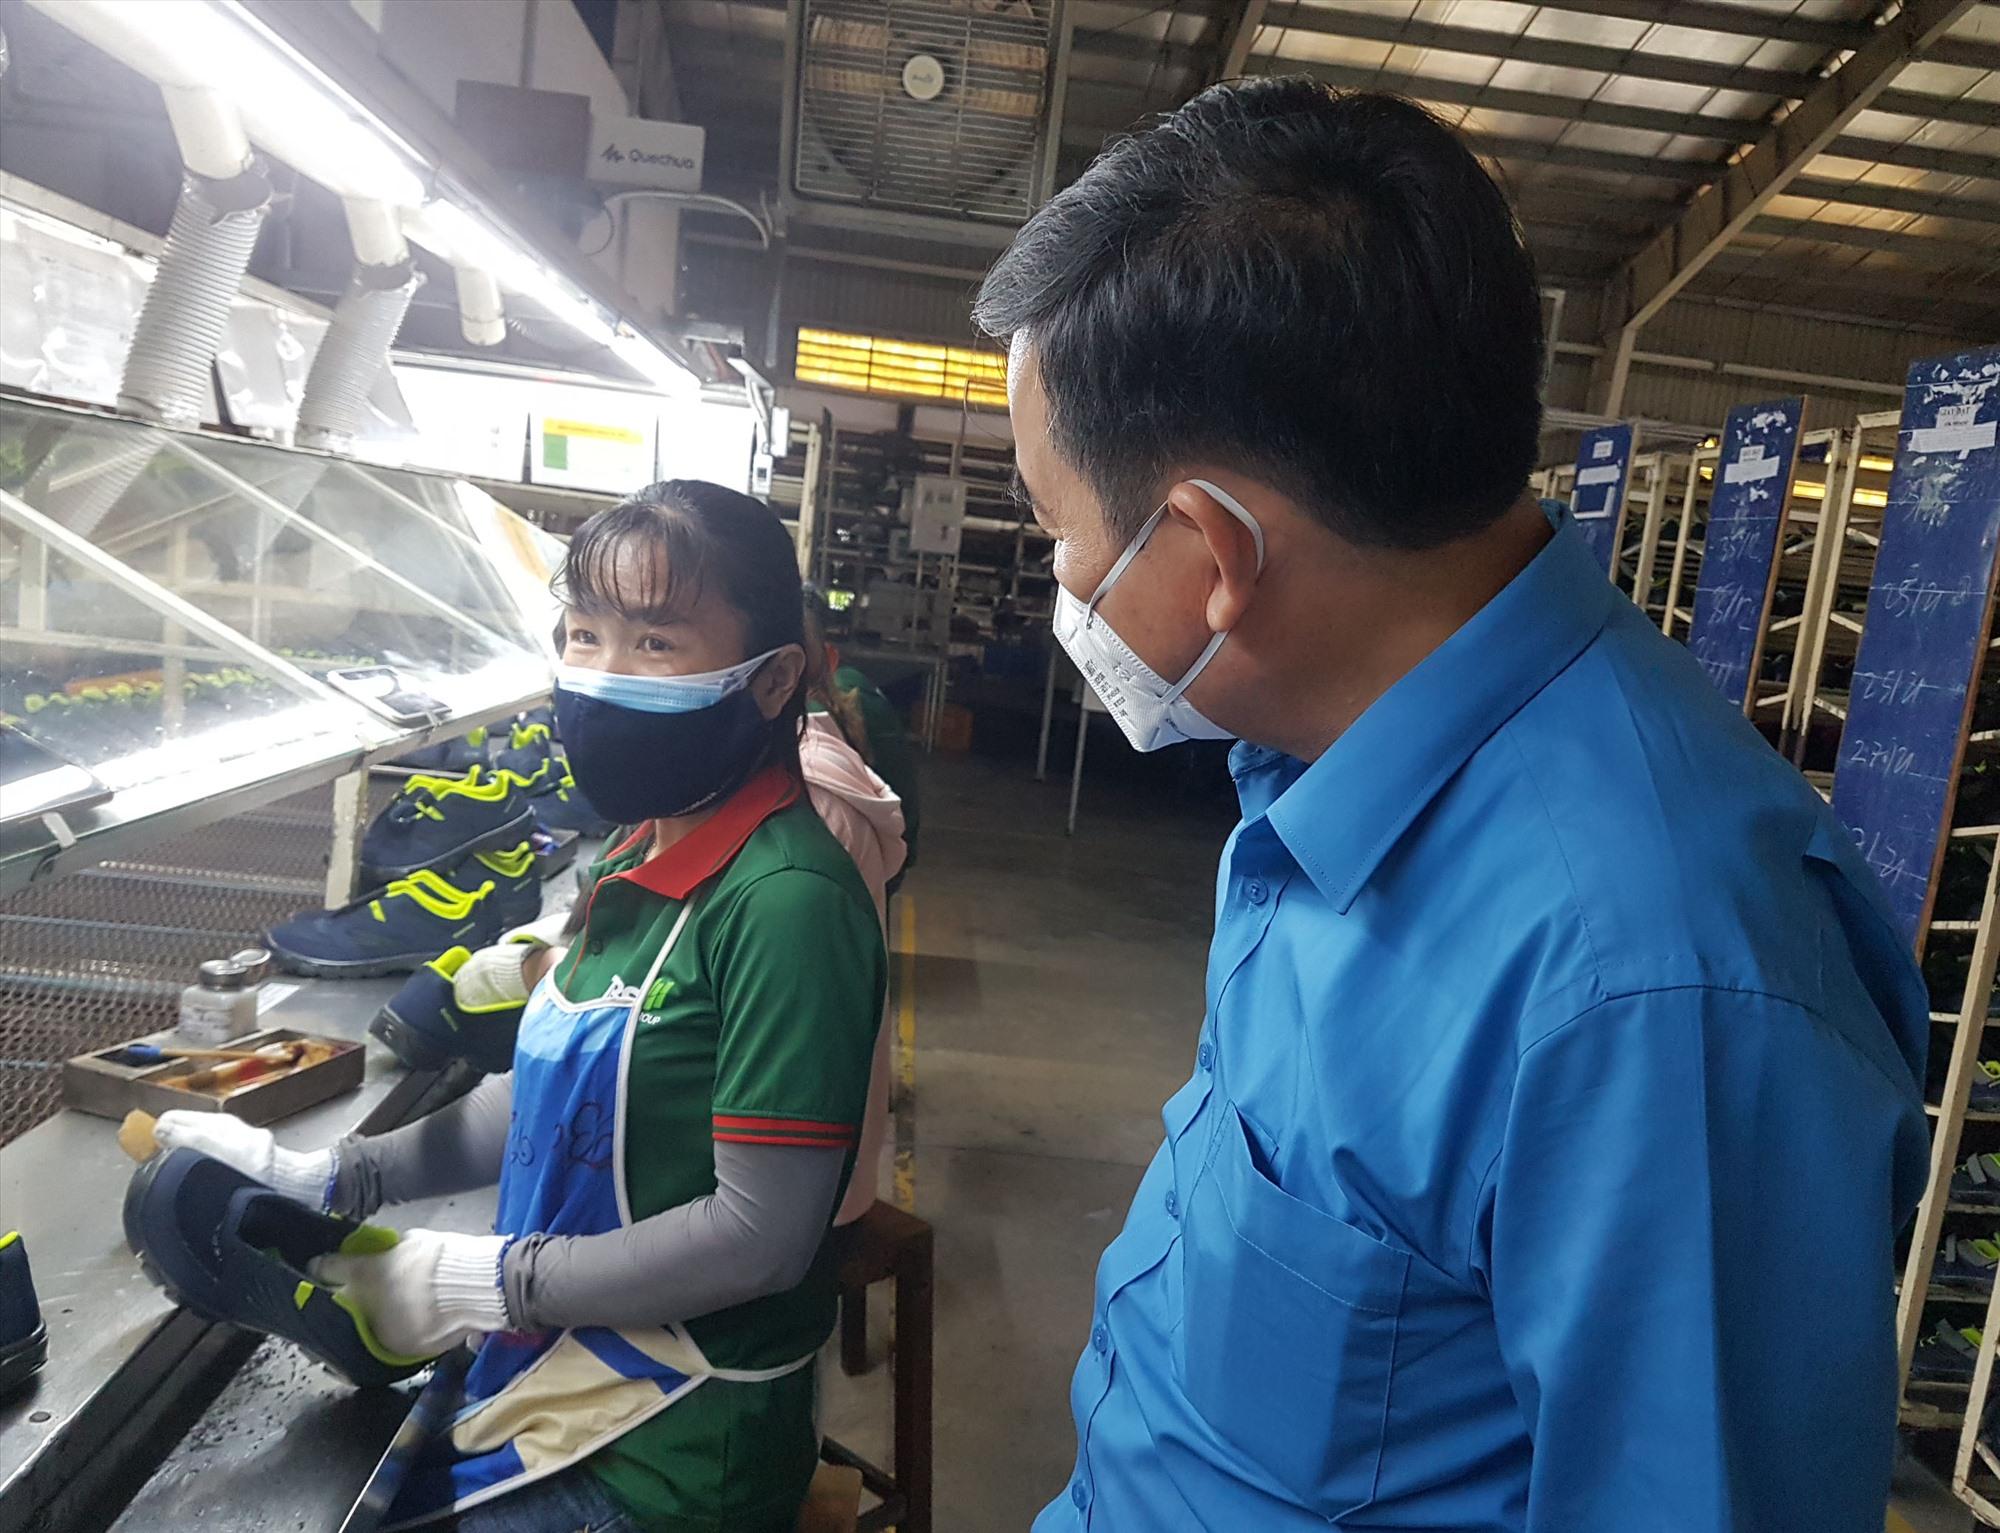 Chủ tịch Liên đoàn Lao động tỉnh Phan Xuân Quang thăm hỏi người lao động làm việc tại doanh nghiệp. Ảnh: D.L